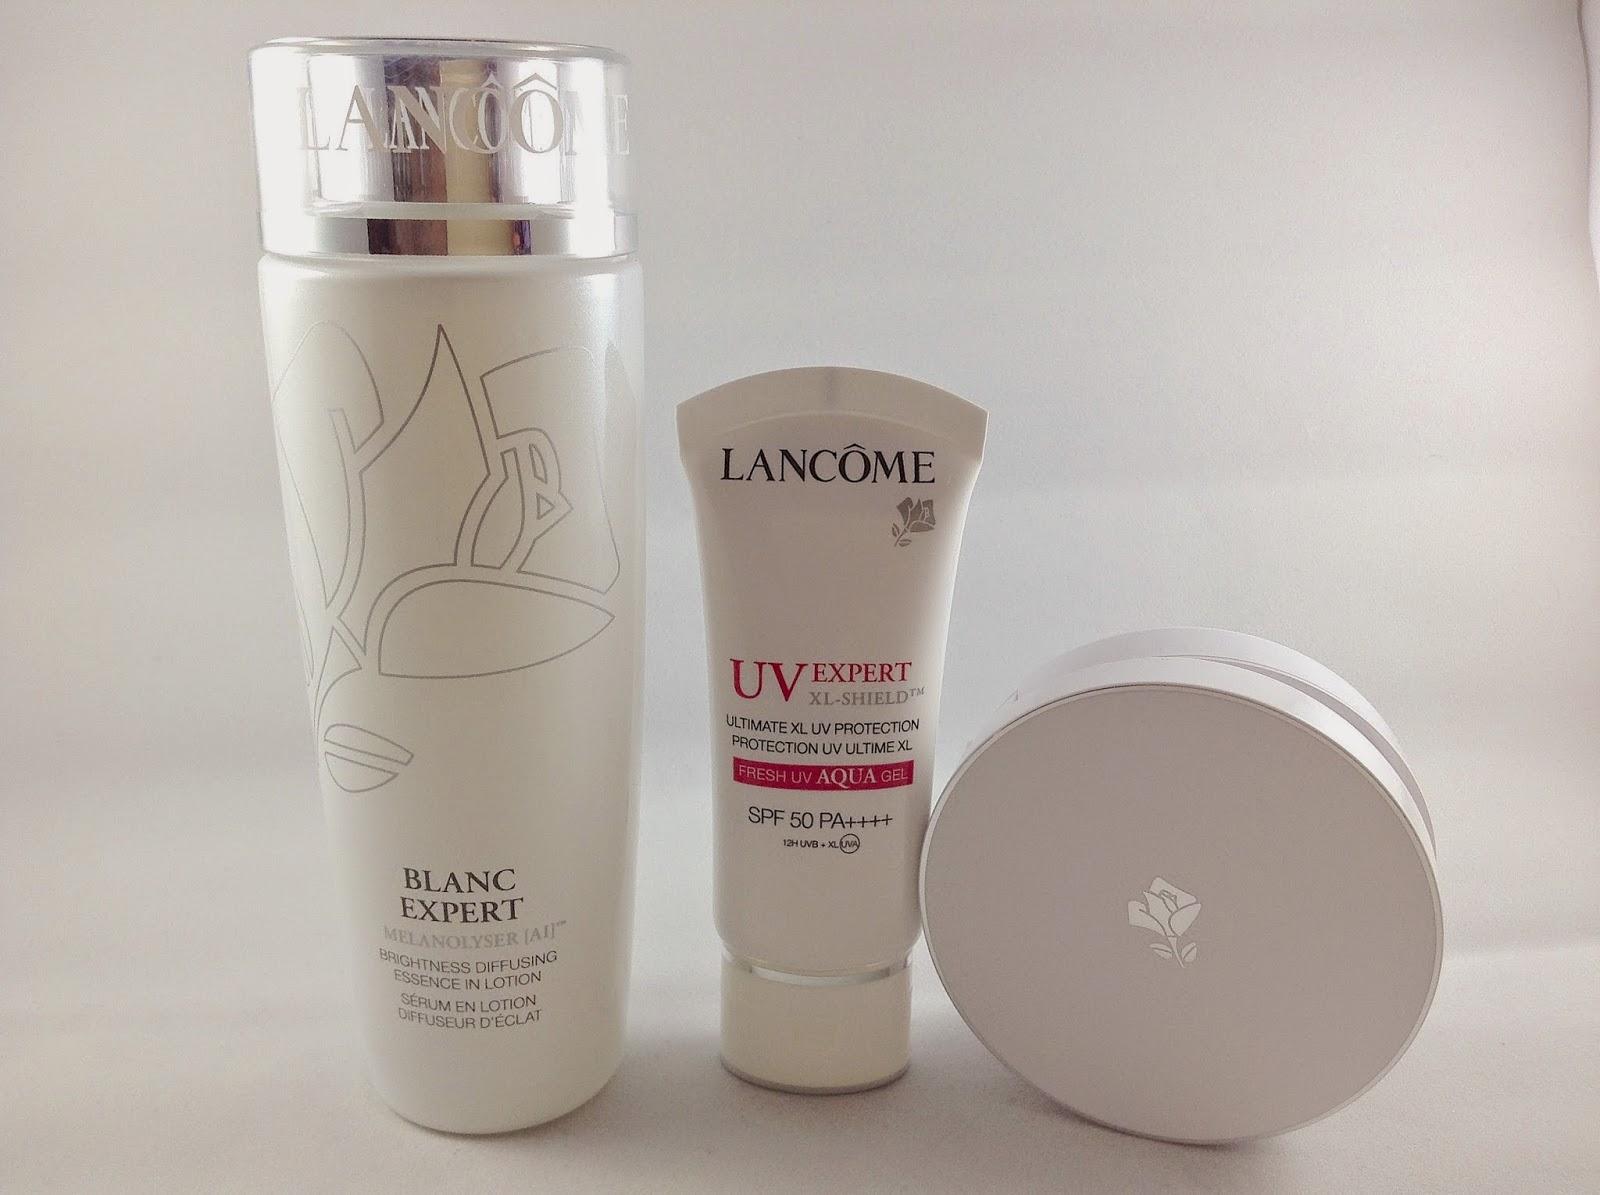 >>春夏白裡透紅肌*LANCÔME 全效美白組合 Blanc Expert/UV Expert XL-Shield